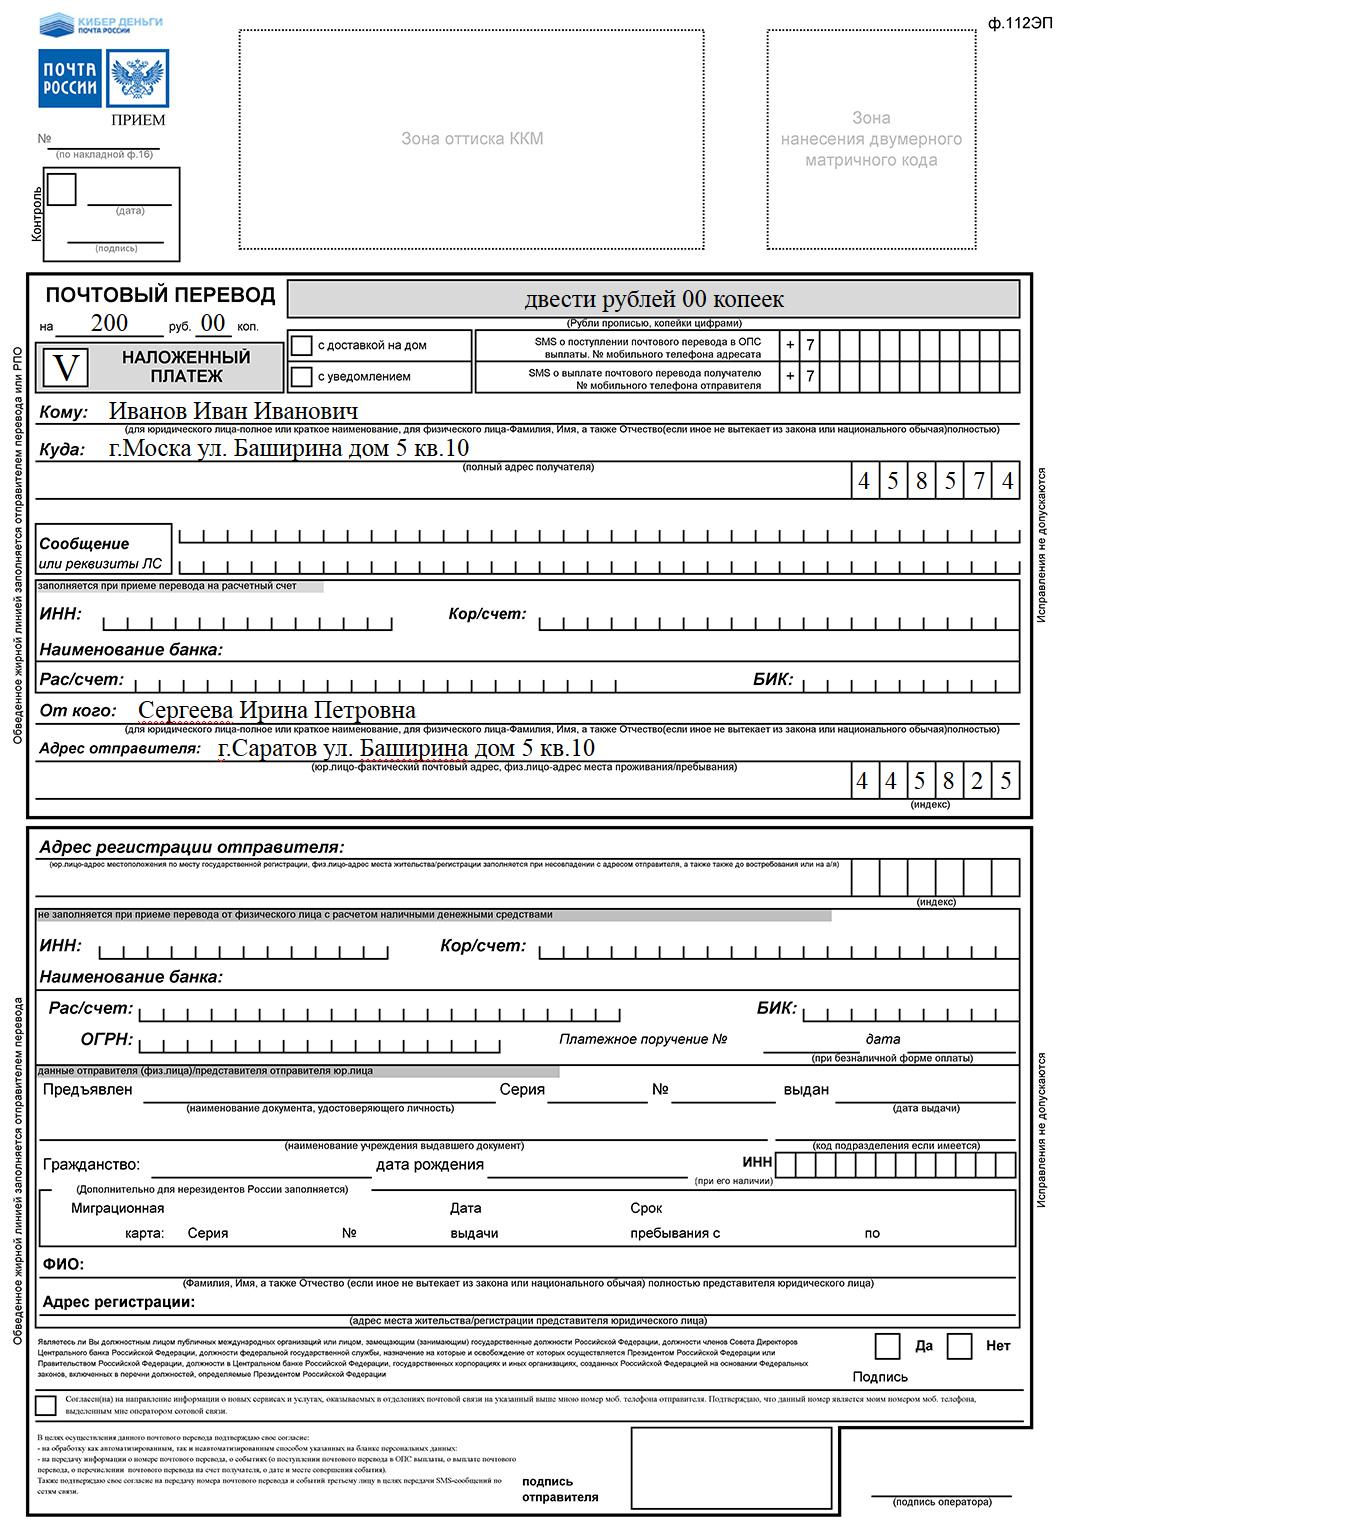 бесплатный бланк отчета фсс за 3 кв.2014